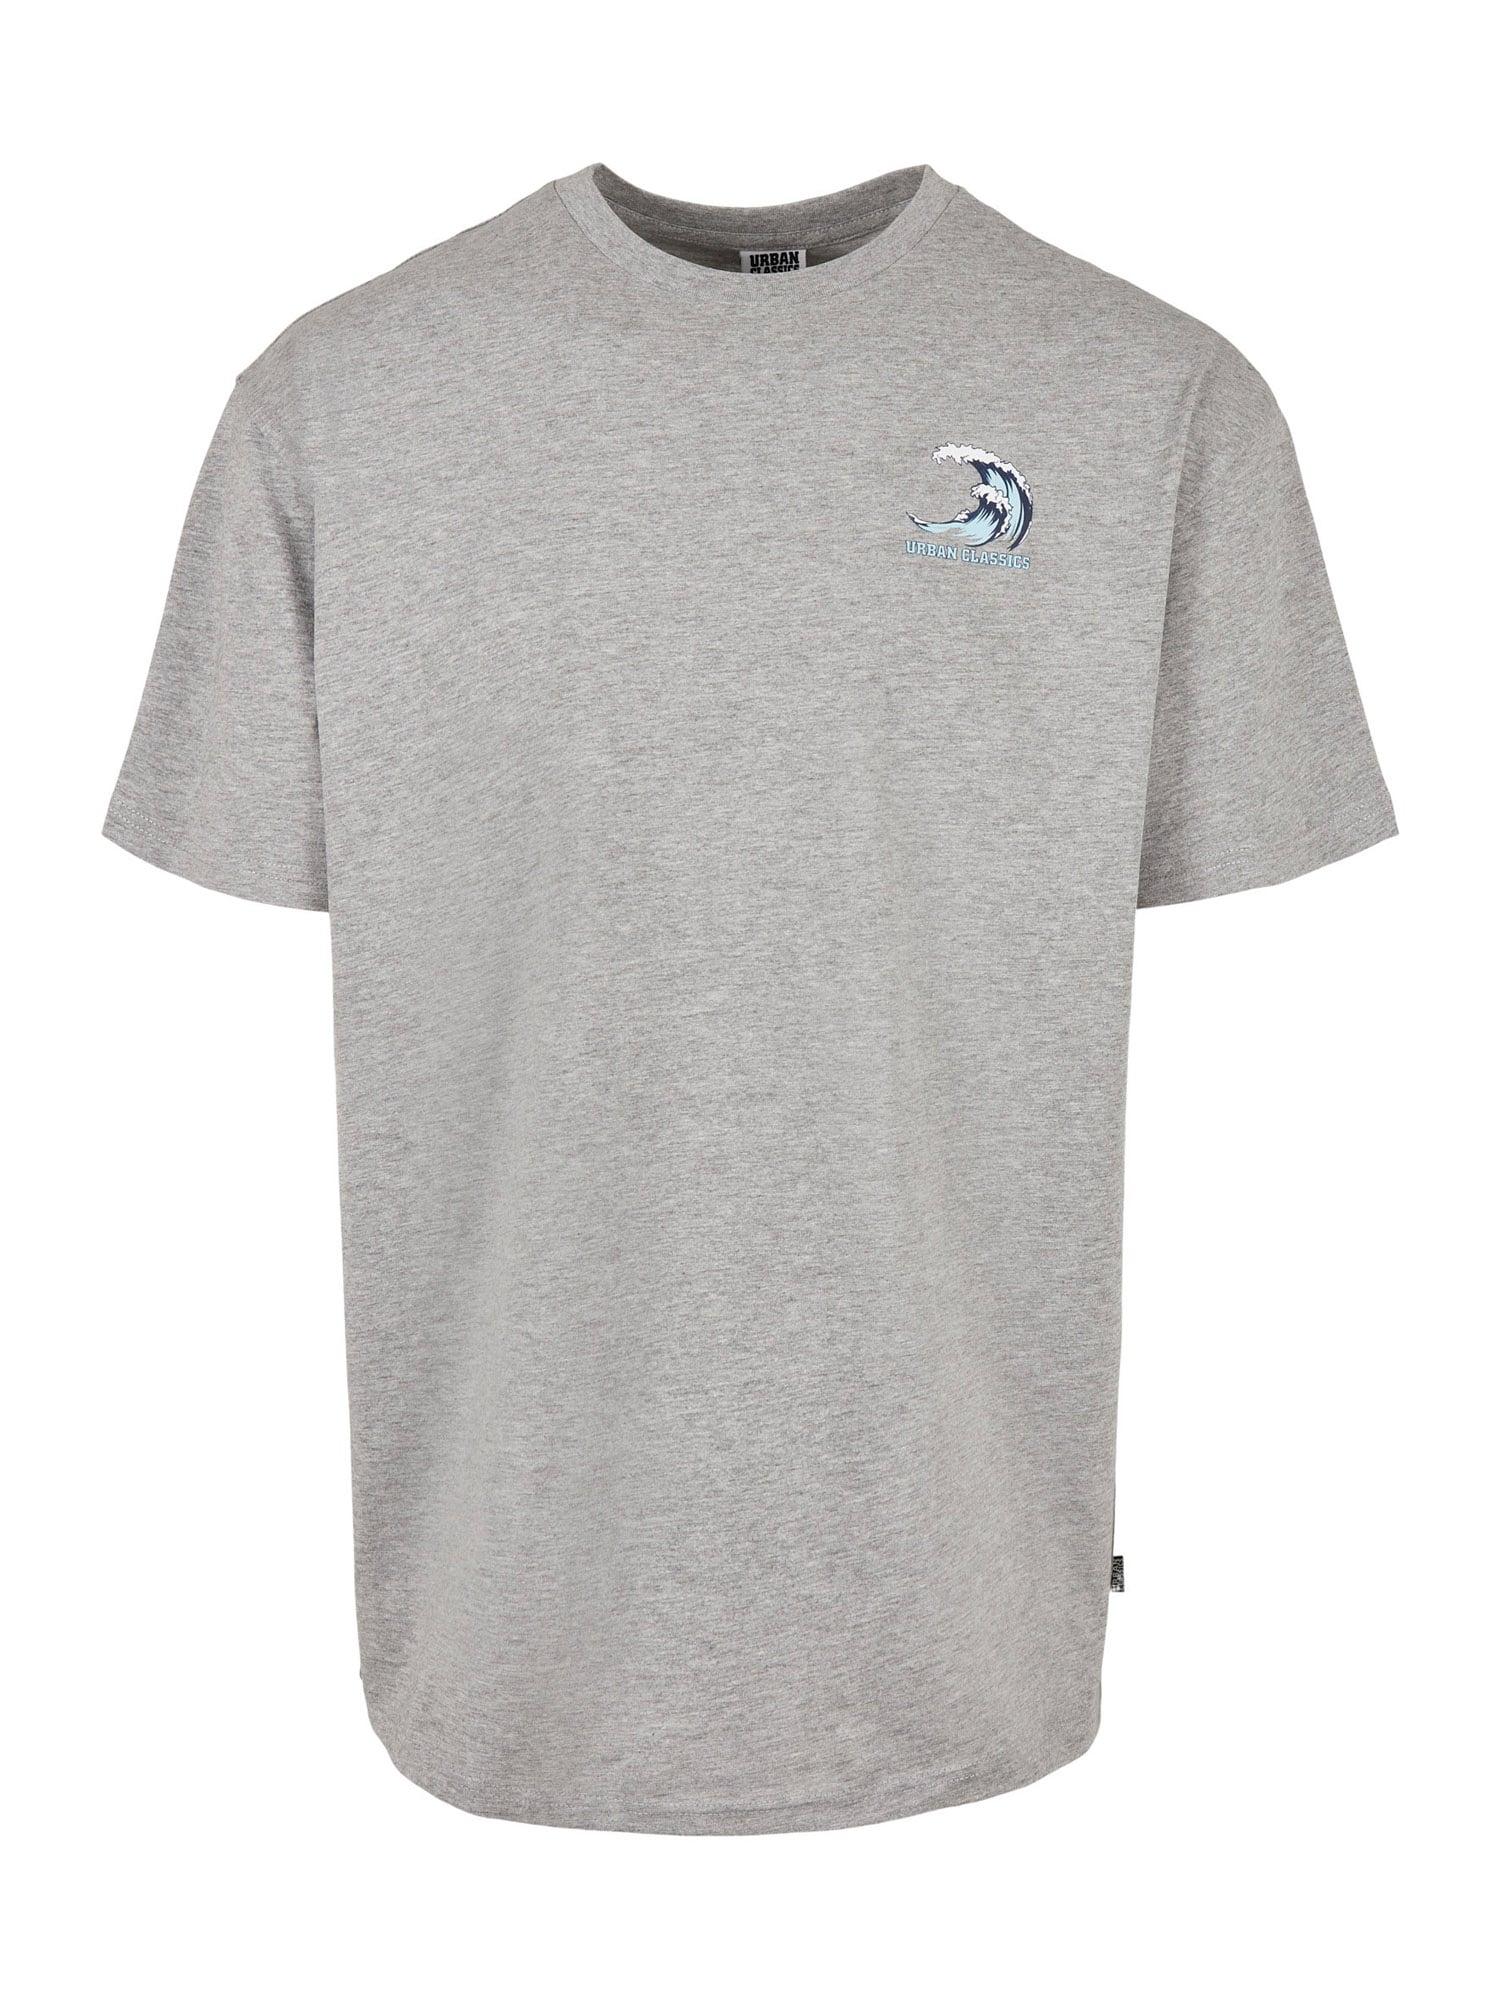 Urban Classics Big & Tall Marškinėliai margai pilka / balta / turkio spalva / tamsiai mėlyna jūros spalva